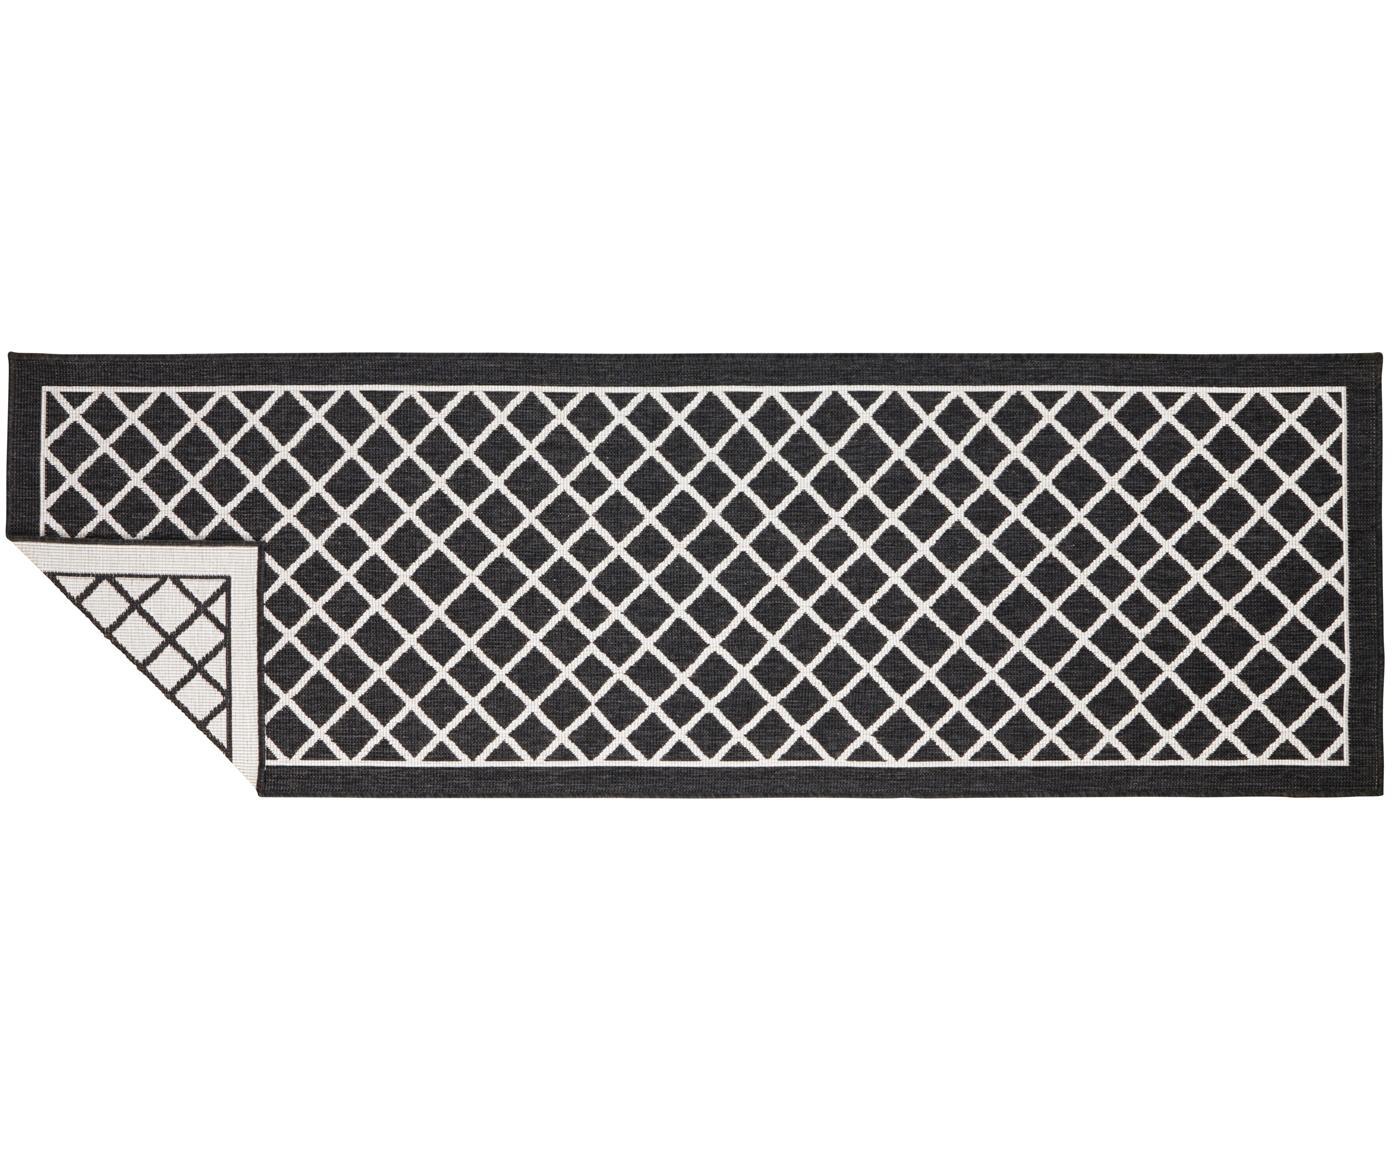 In- und Outdoor-Wendeläufer Sydney in Schwarz/Creme, Schwarz, Creme, 80 x 250 cm